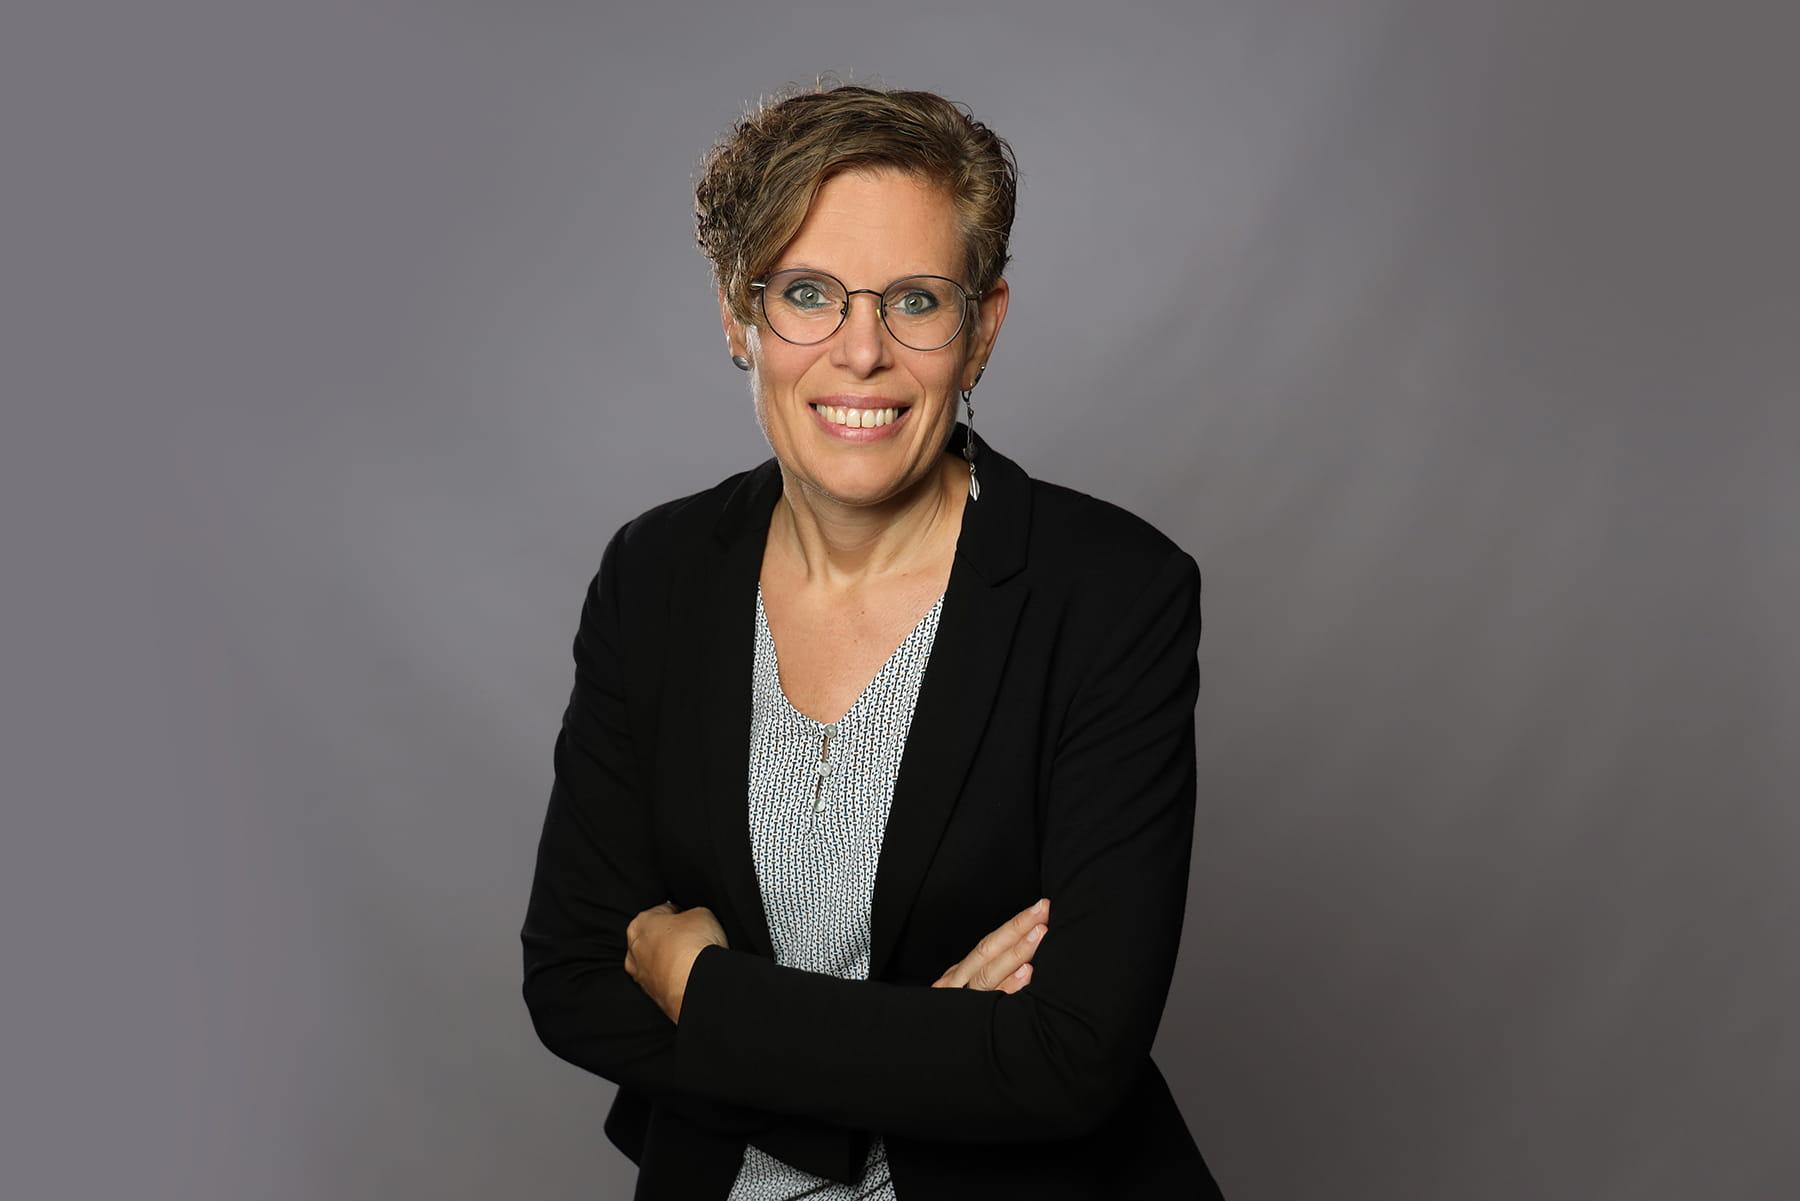 Christine Uhlmann